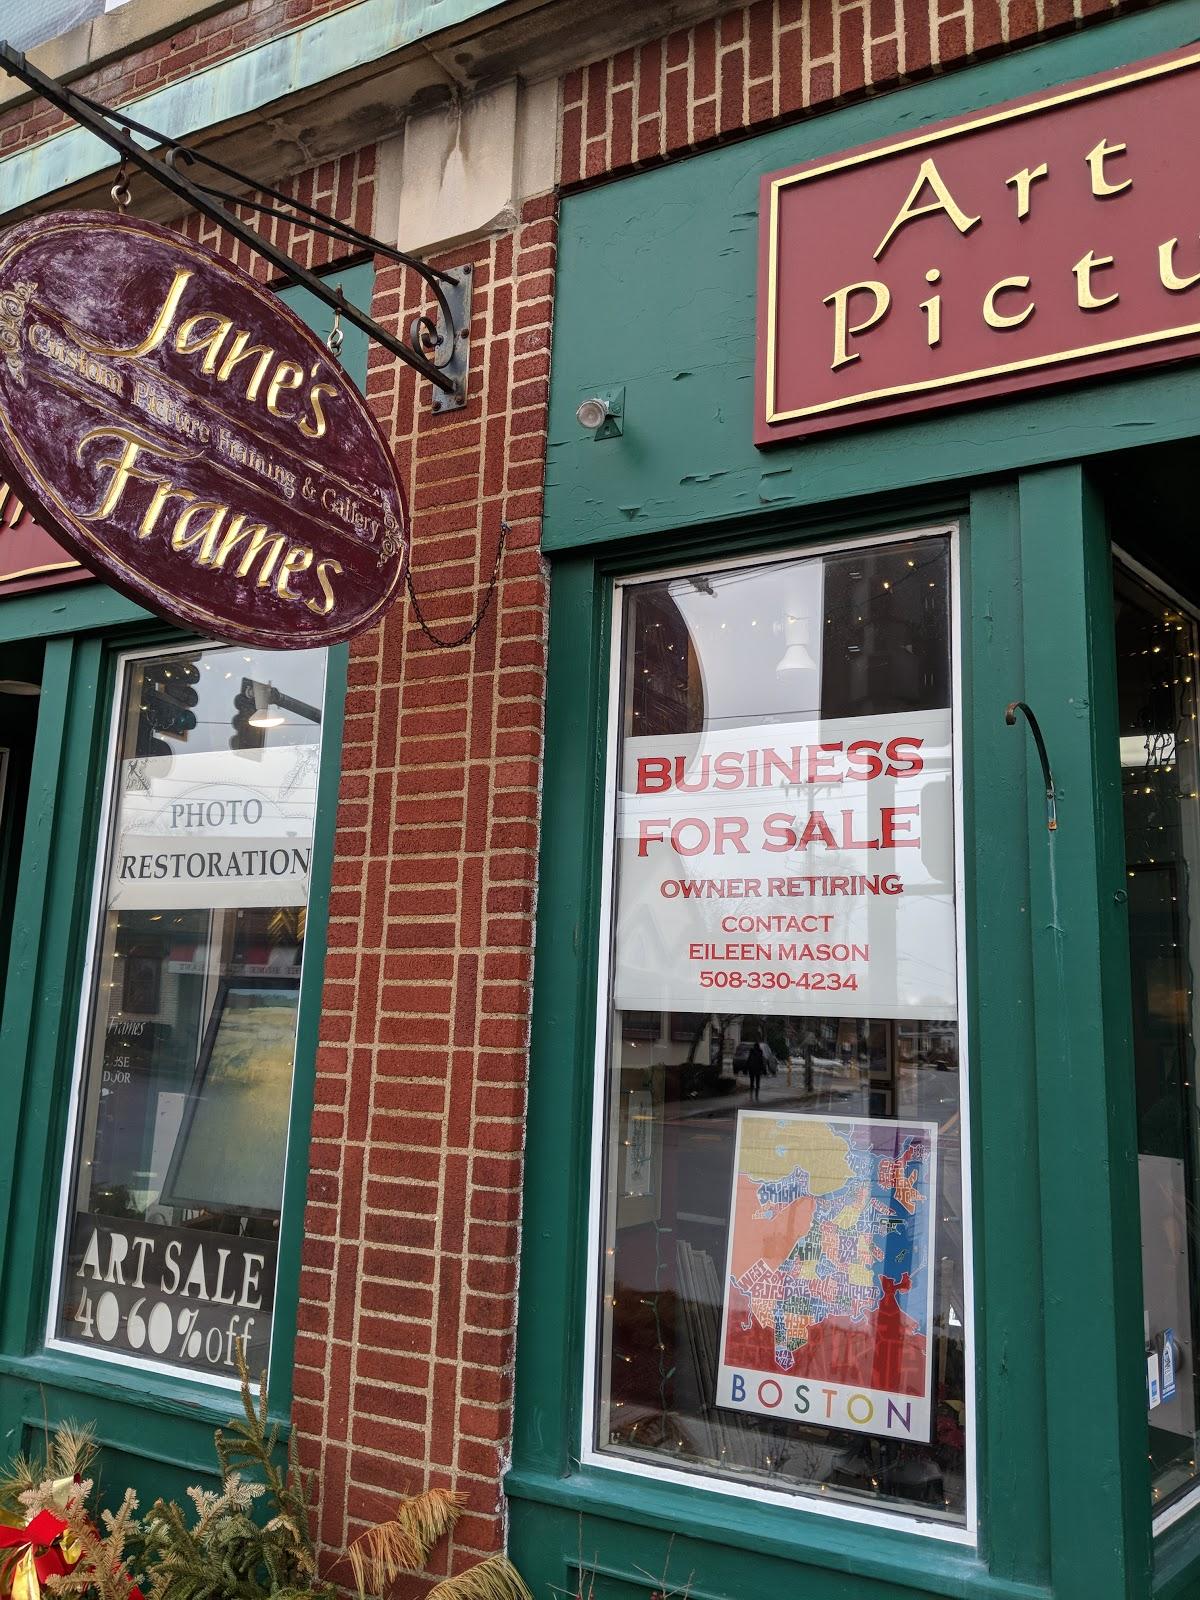 Massachusetts Business For Sale